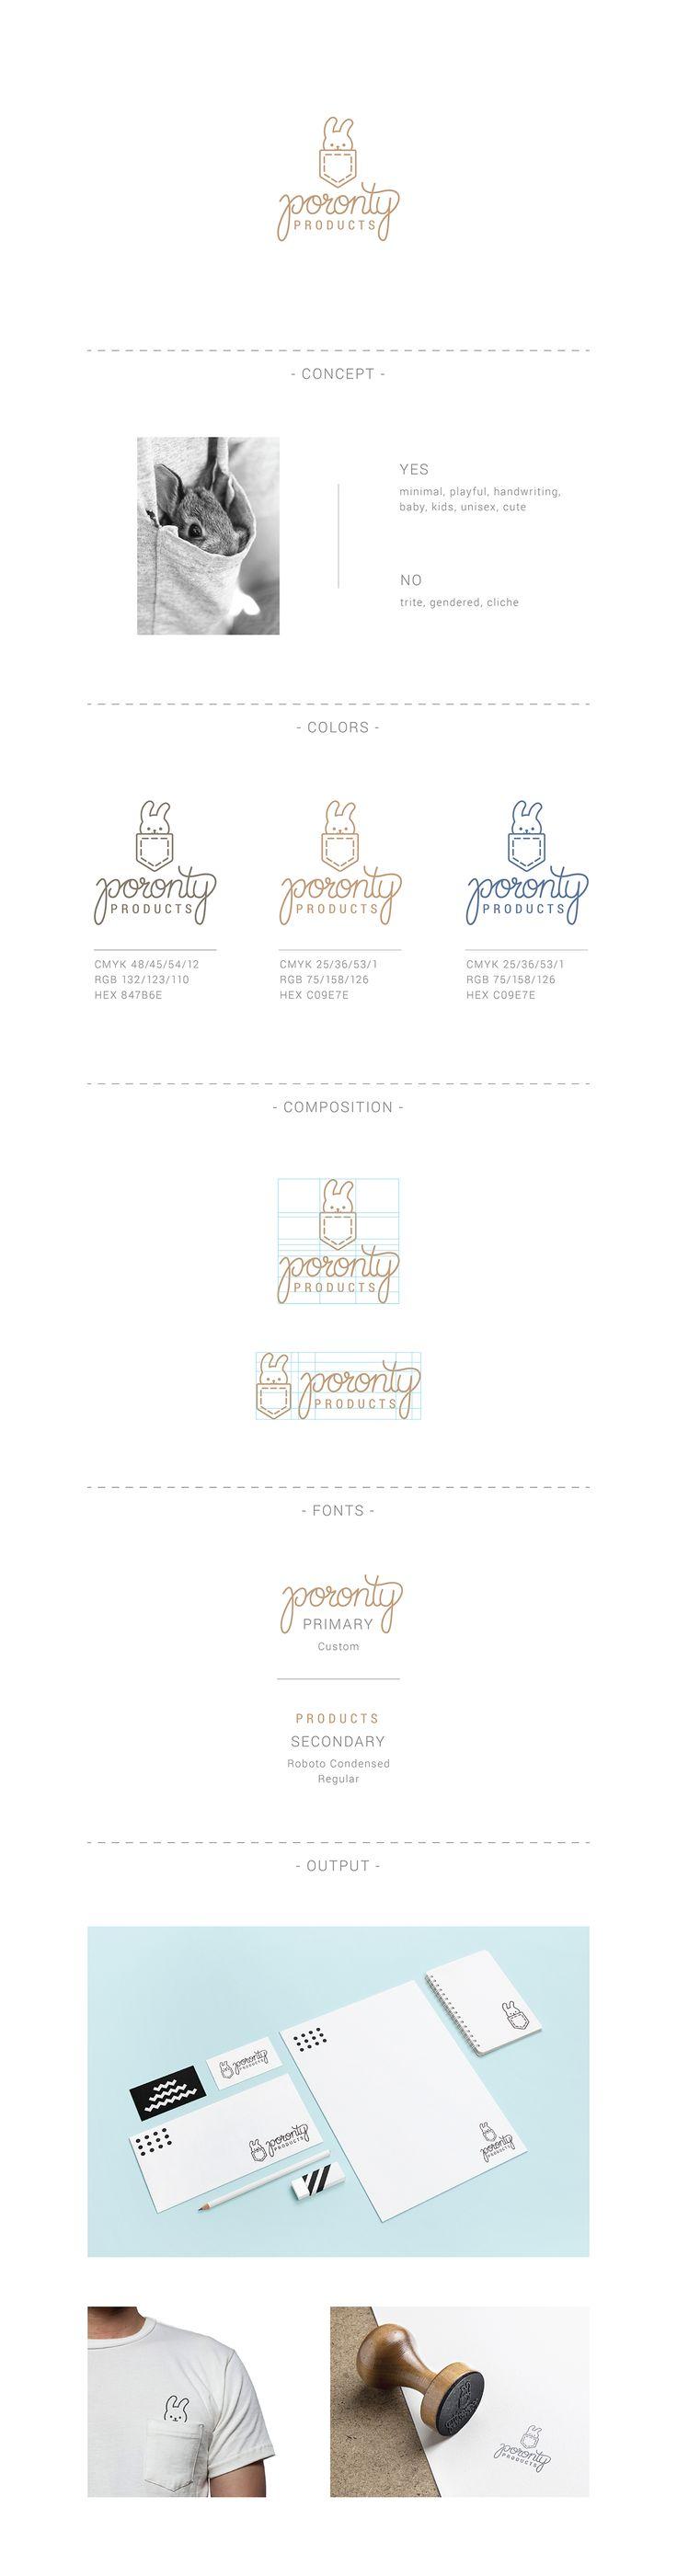 92 best Branding Design images on Pinterest